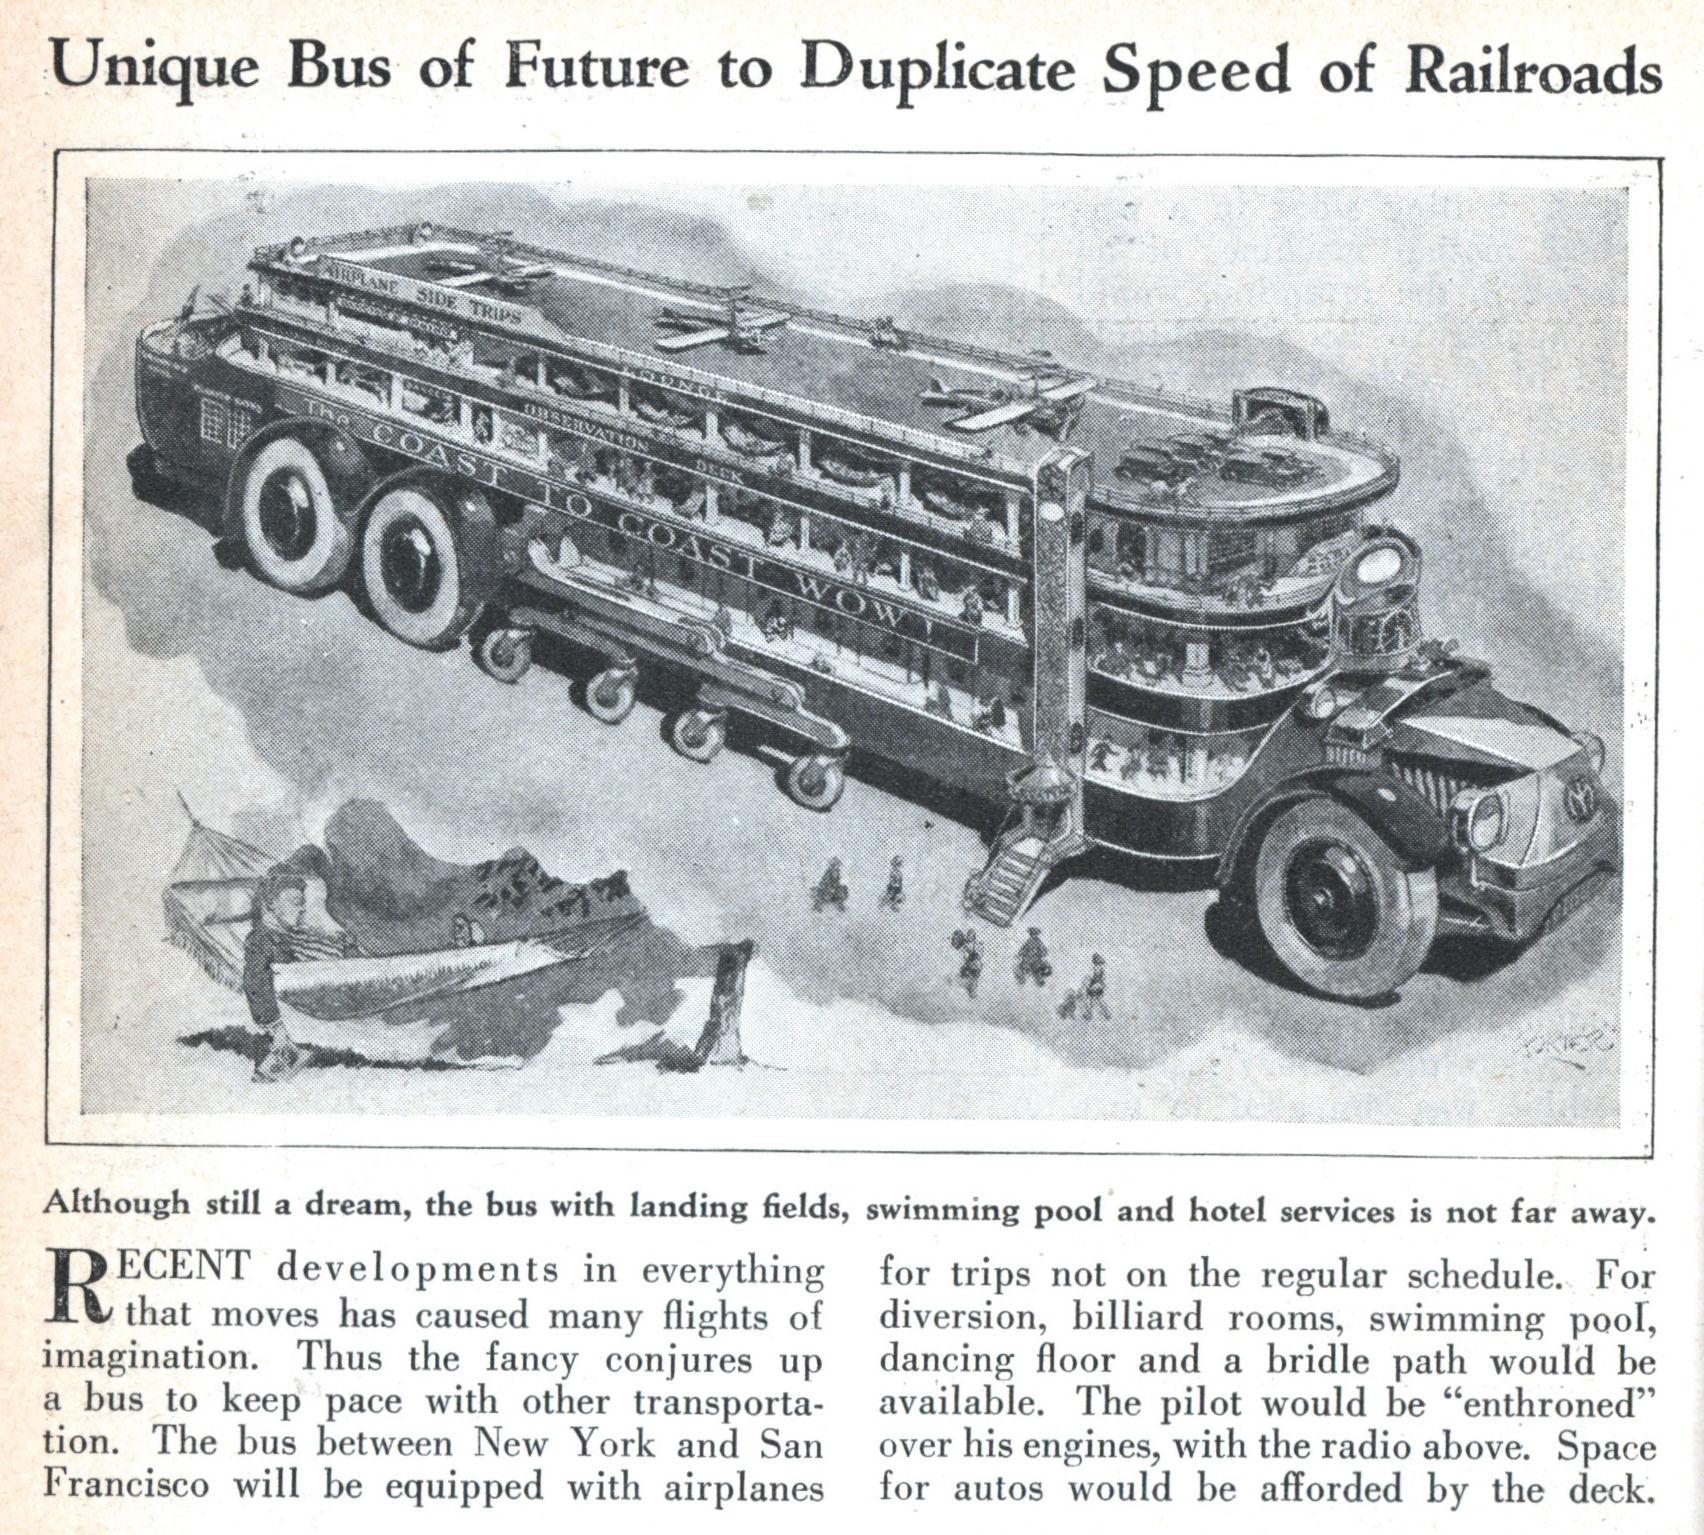 http://blog.modernmechanix.com/mags/ModernMechanix/6-1930/giant_bus.jpg